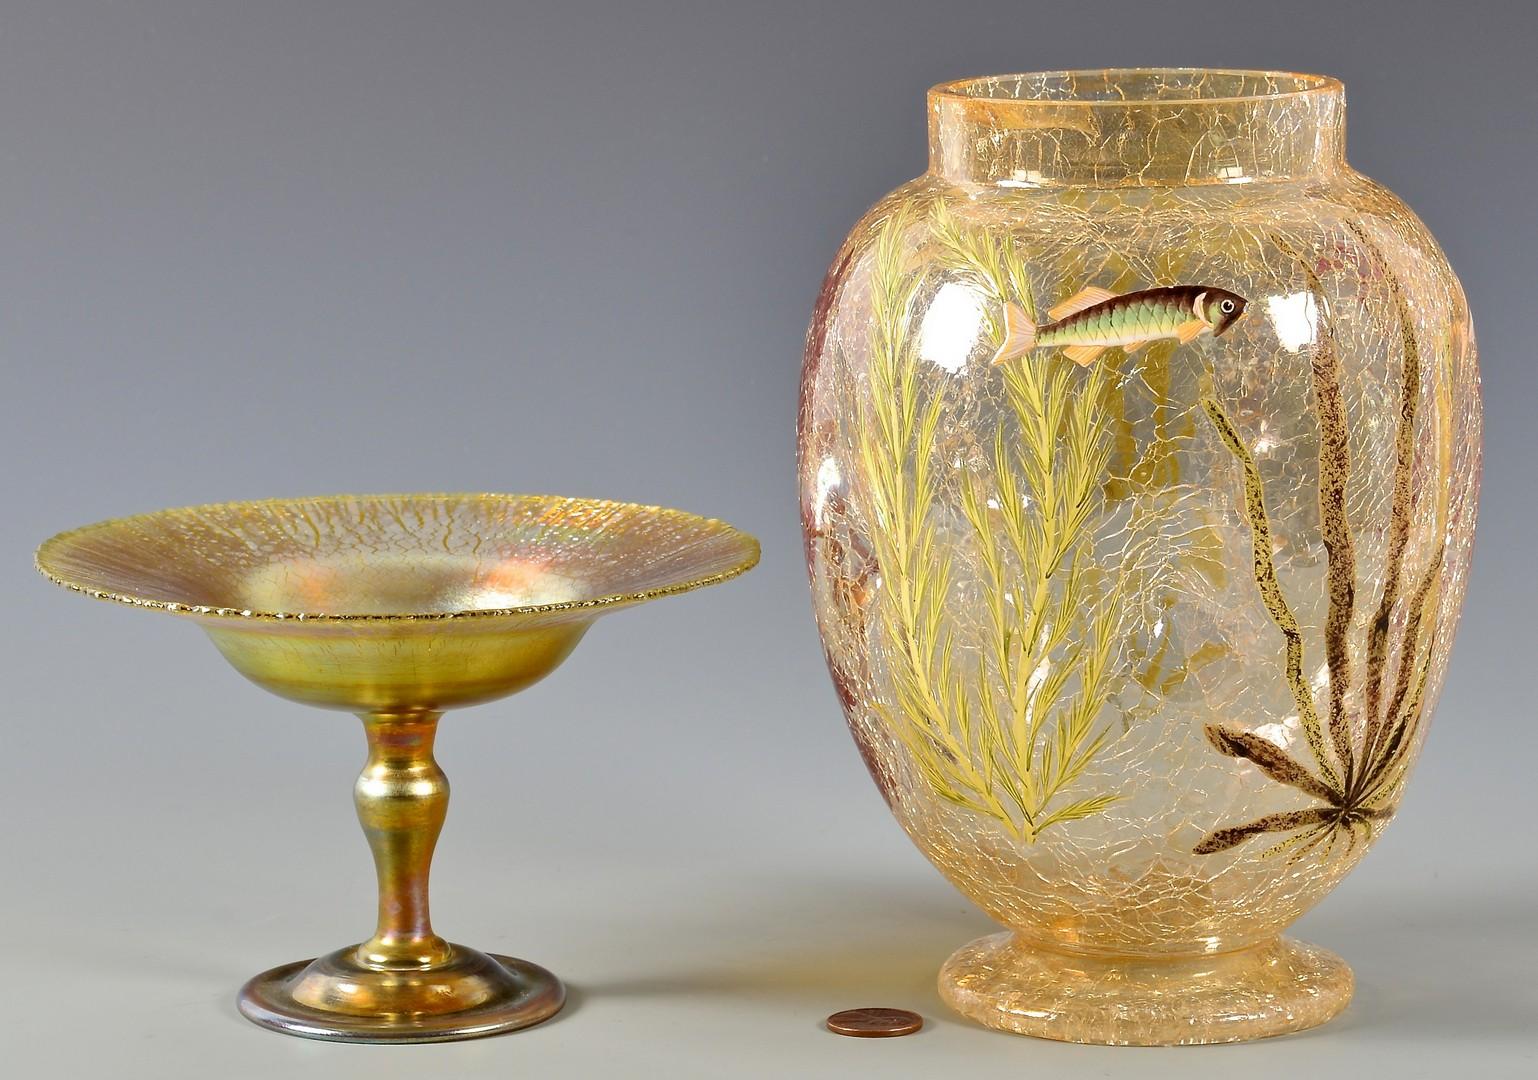 Lot 478: Tiffany Favrile Compote & Crackled Art Glass Vase